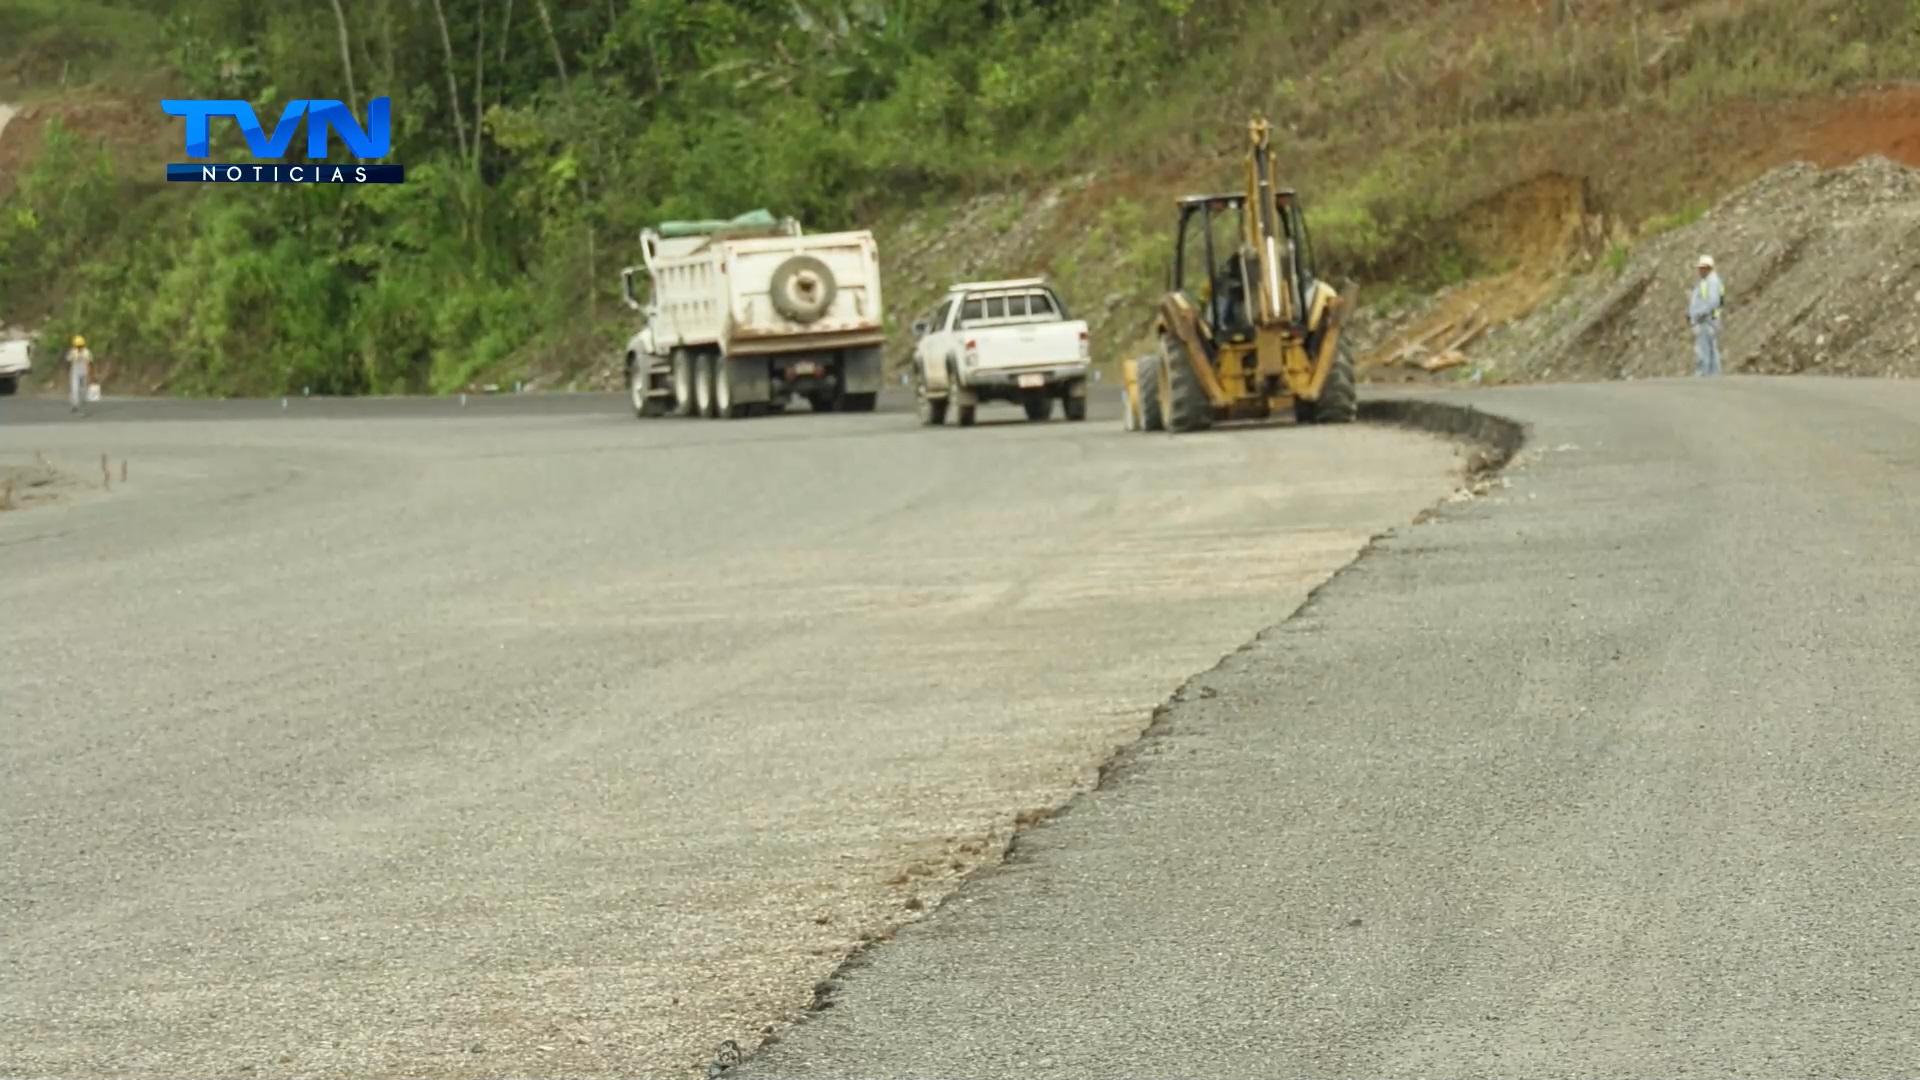 Asociación Pro Carretera  solicitó reunión urgente con el presidente